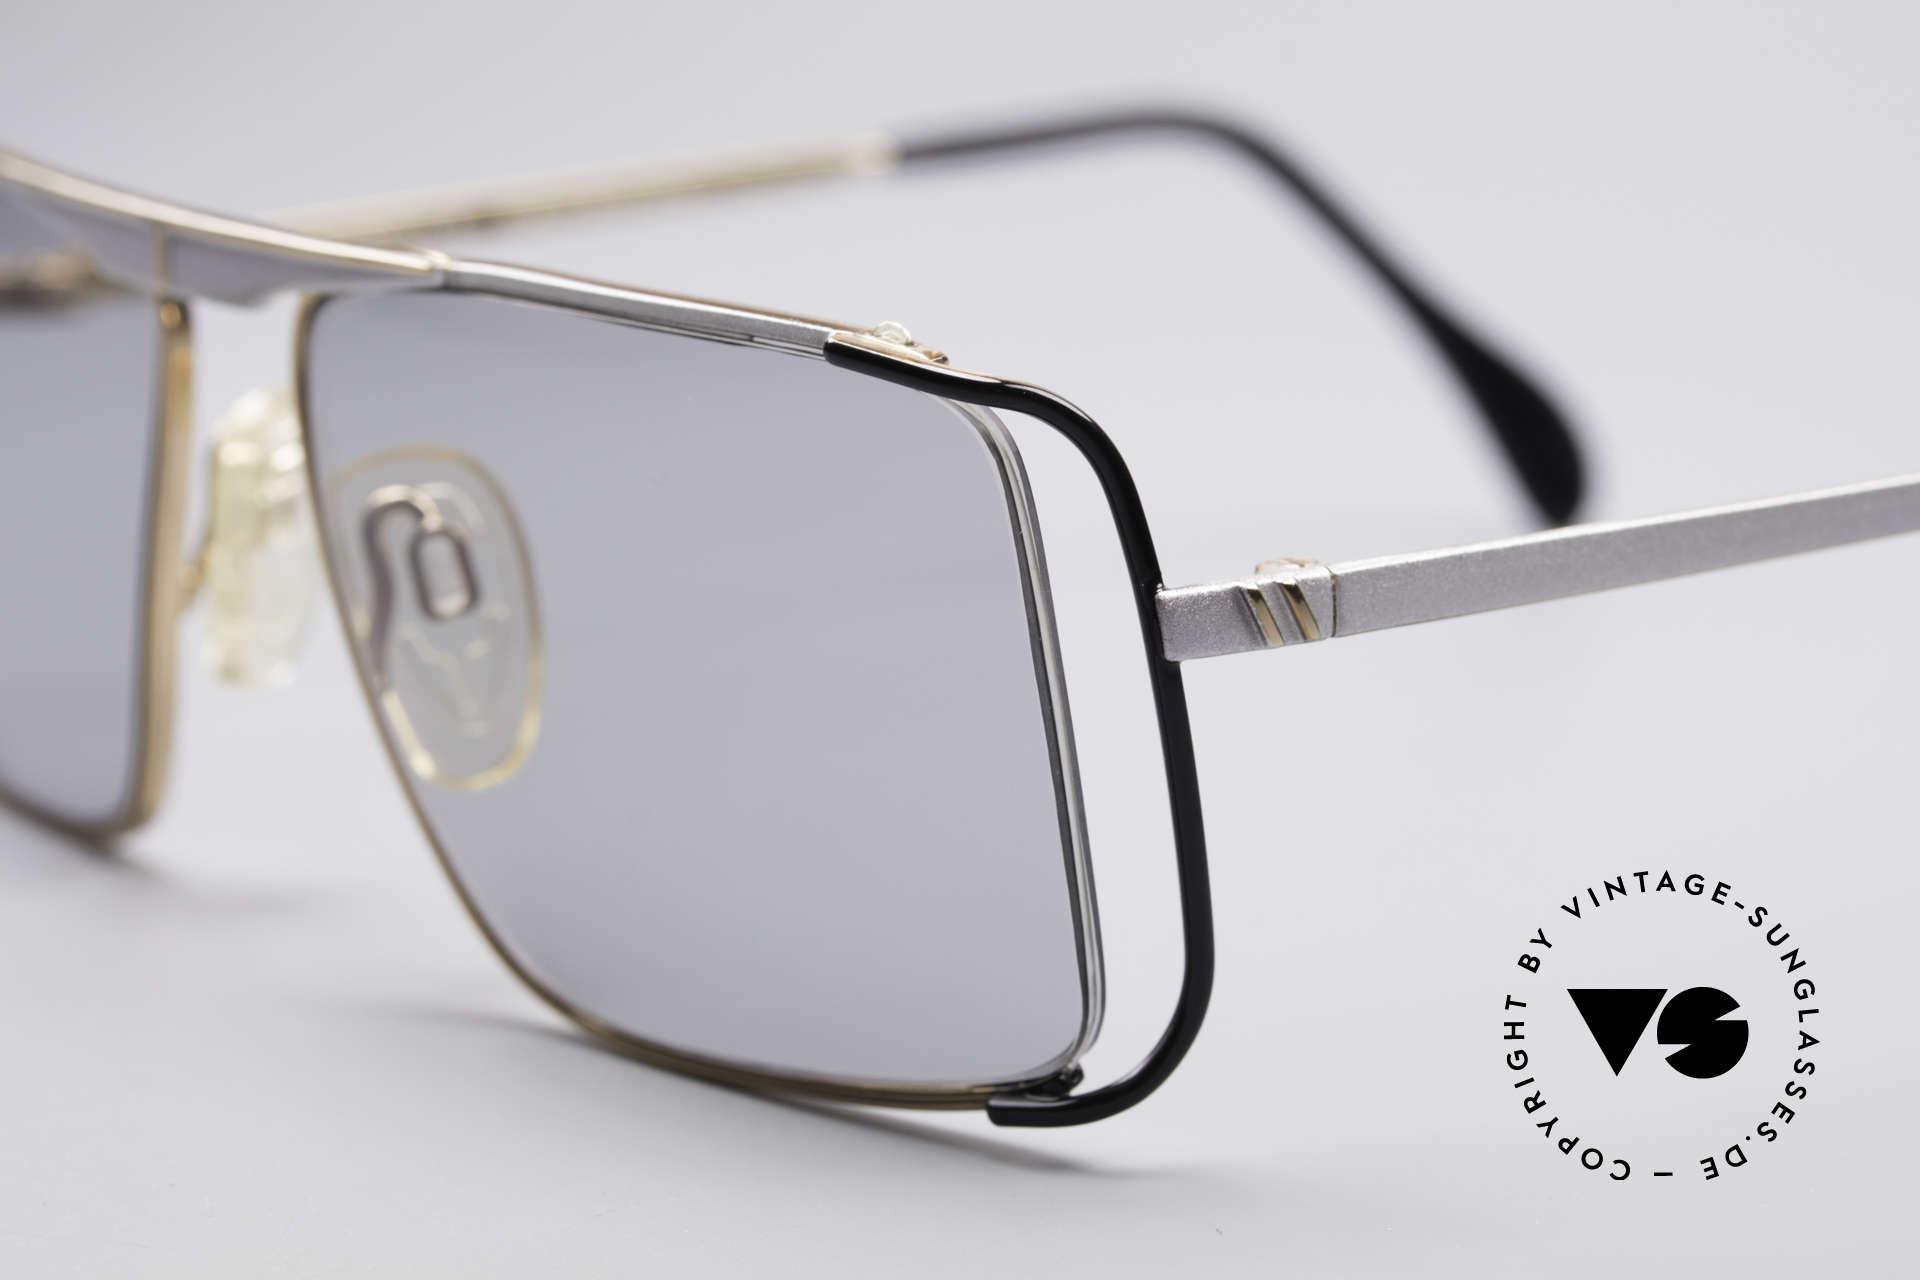 Neostyle Boutique 640 Eckige Vintage Brille, getragen von Promis wie Patrick Swayze in den 1980ern, Passend für Herren und Damen